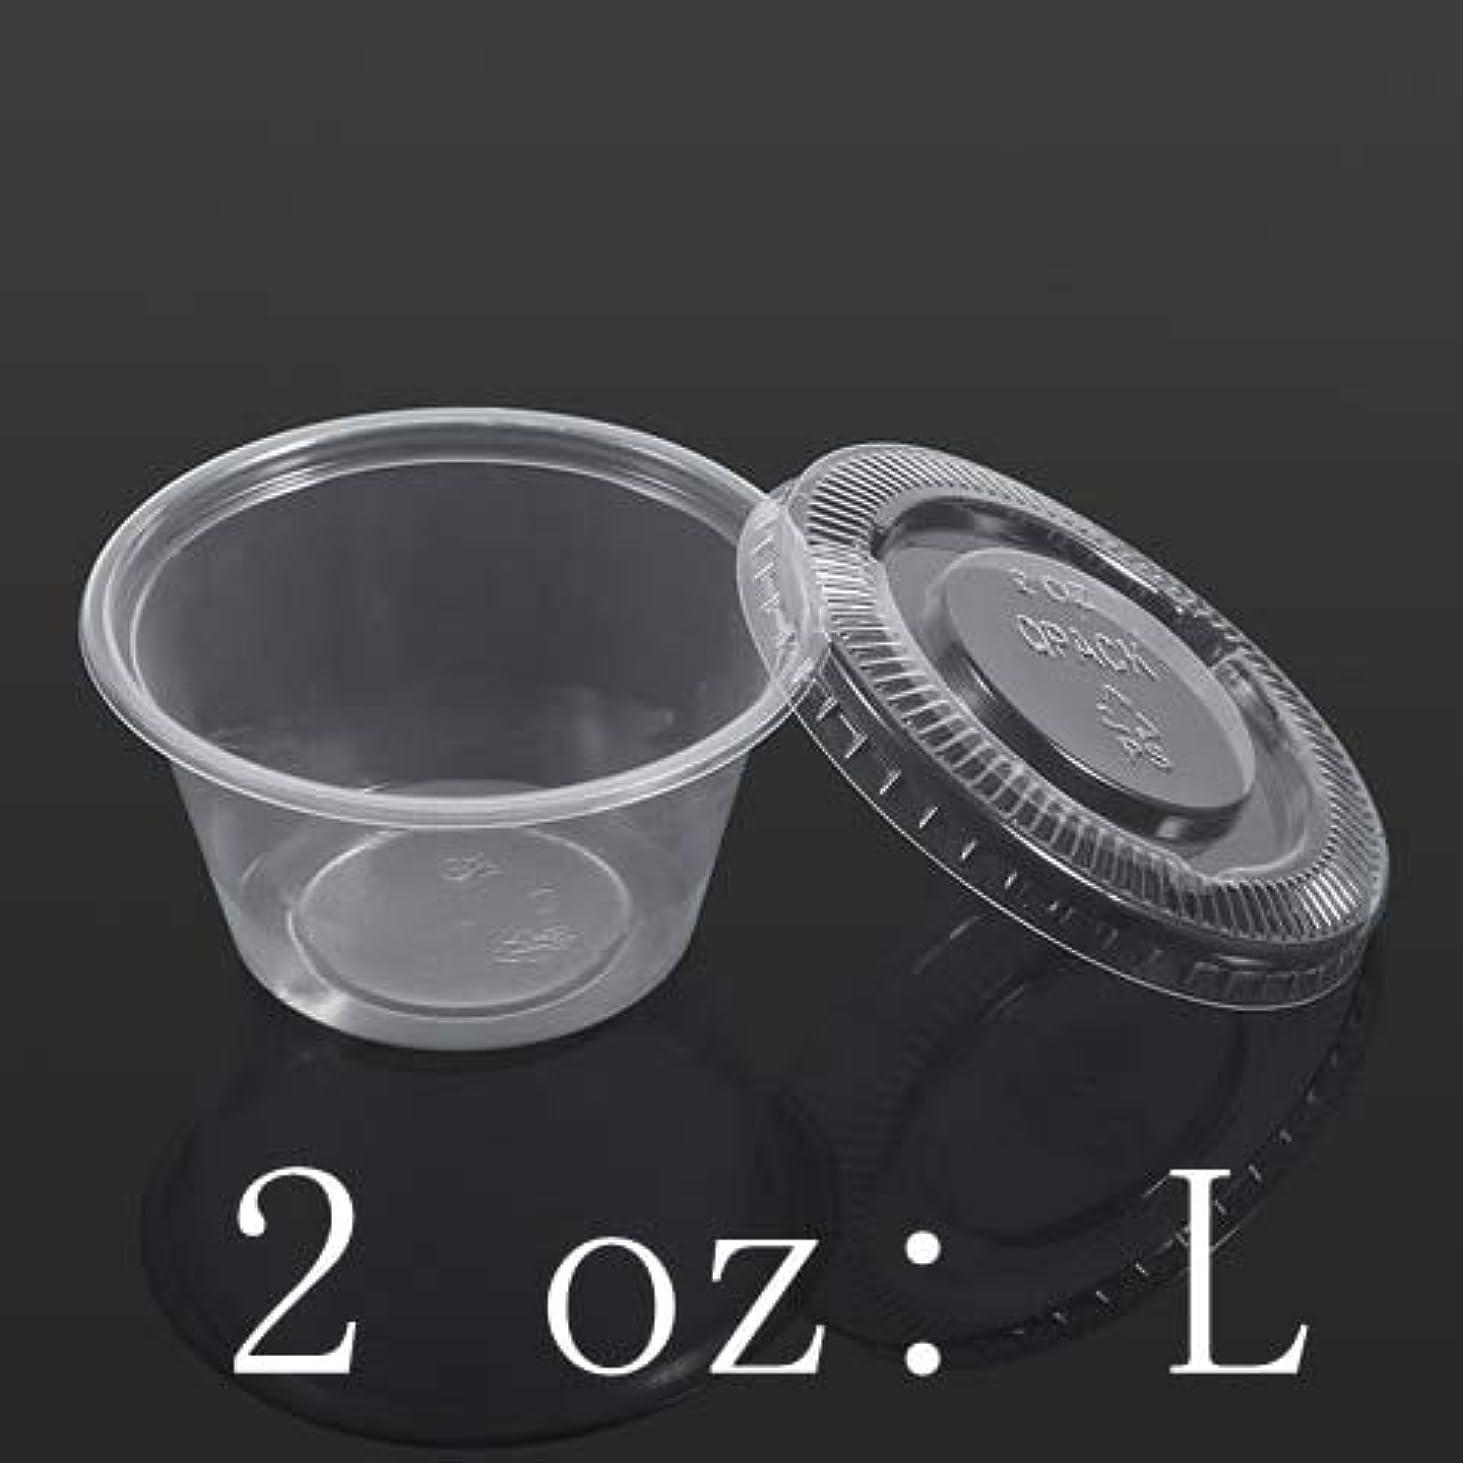 ドラム答え損傷Maxcrestas - 蓋食品テイクアウトでMaxcrestas - 50pcsの醤油カップ使い捨てのプラスチック製のクリアソースチャツネカップボックス